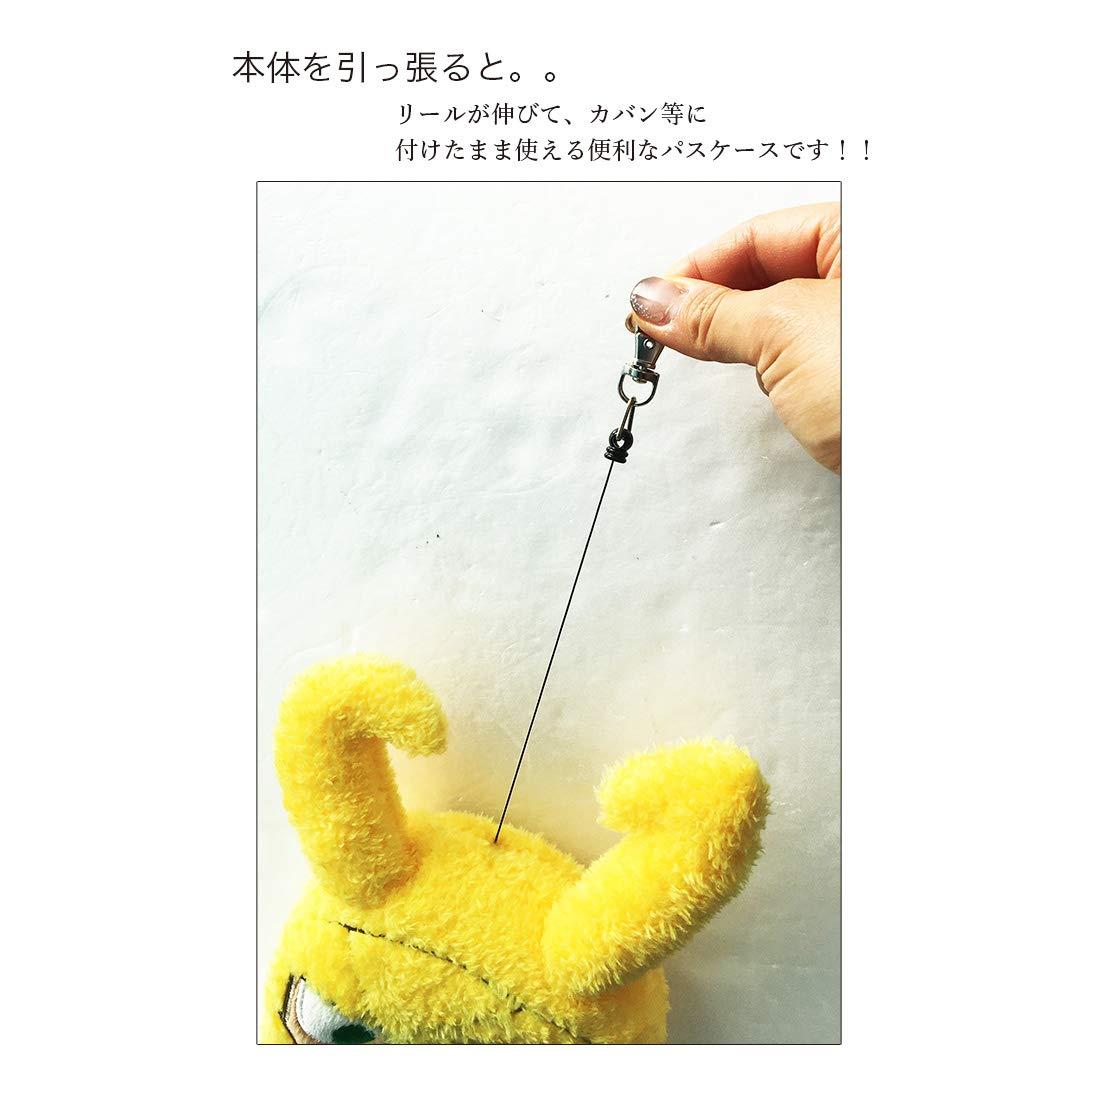 【入荷済】「ロキ」マーベル ふわふわぬいぐるみ パスケース